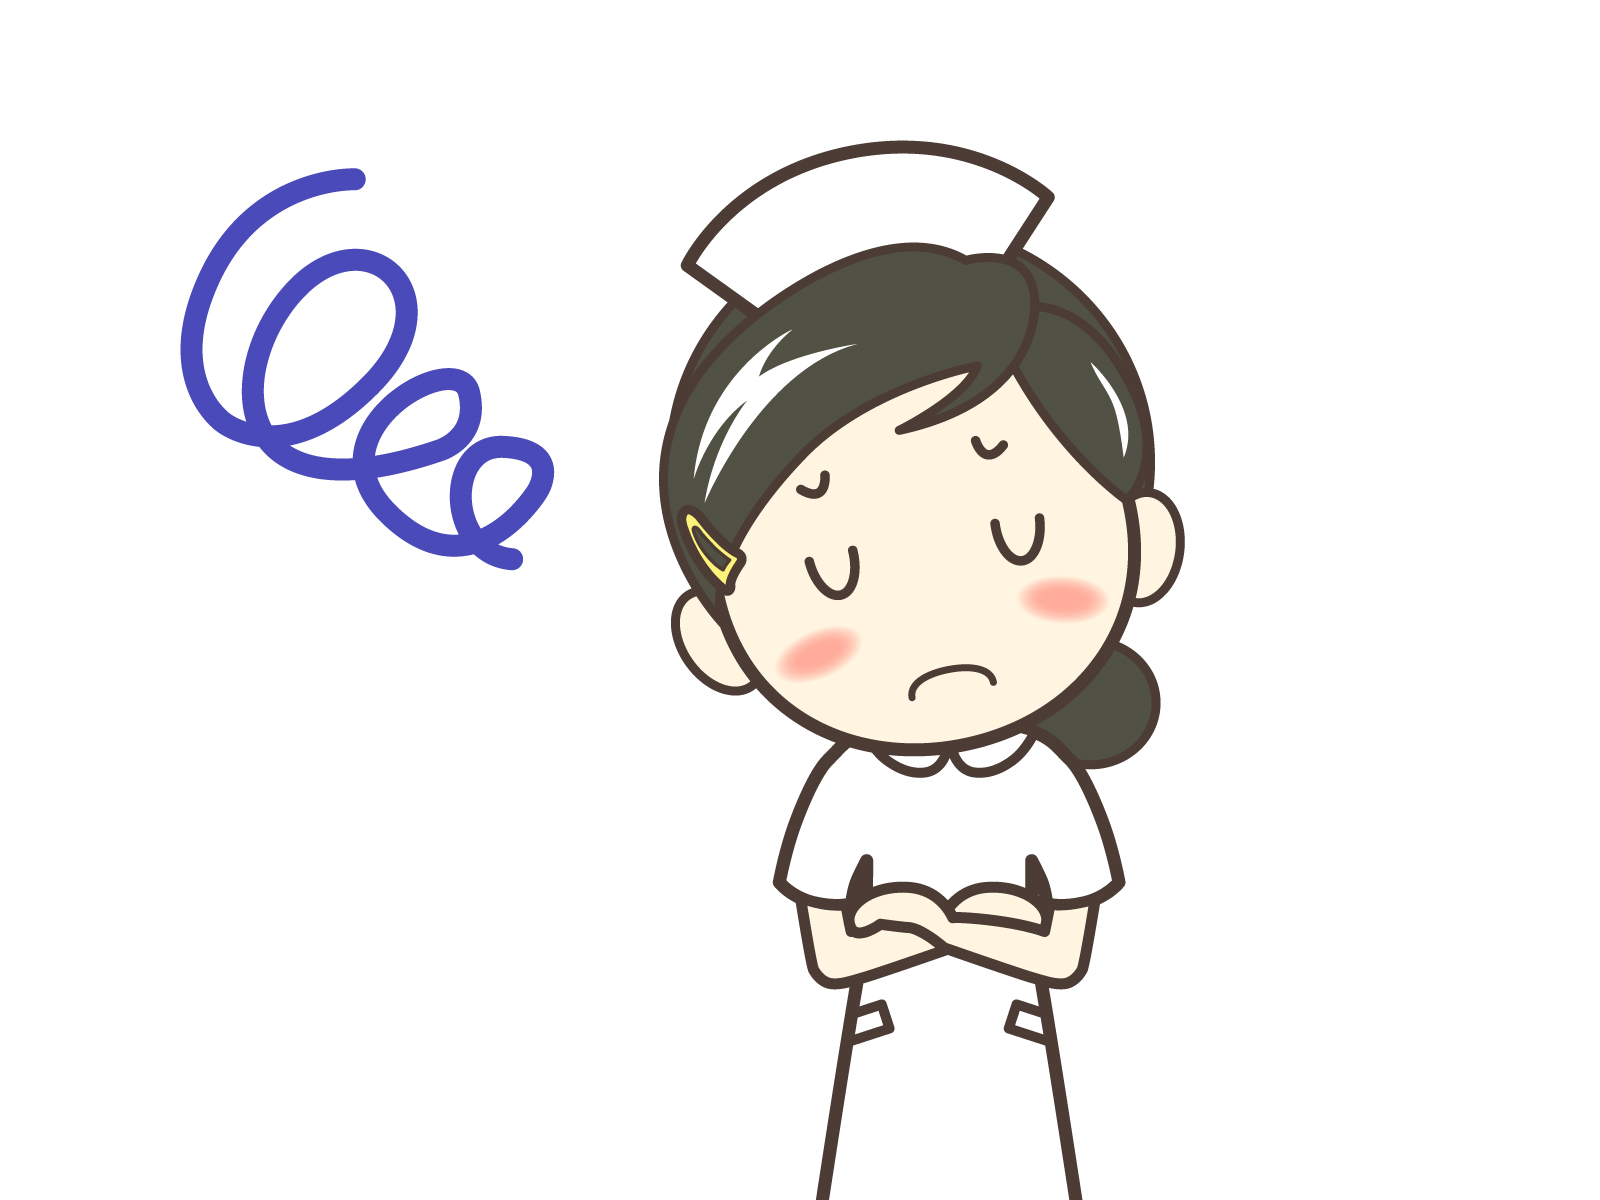 人間関係に悩んで辞めたい、雰囲気の良い職場に転職したい方におすすめの看護師転職サイト